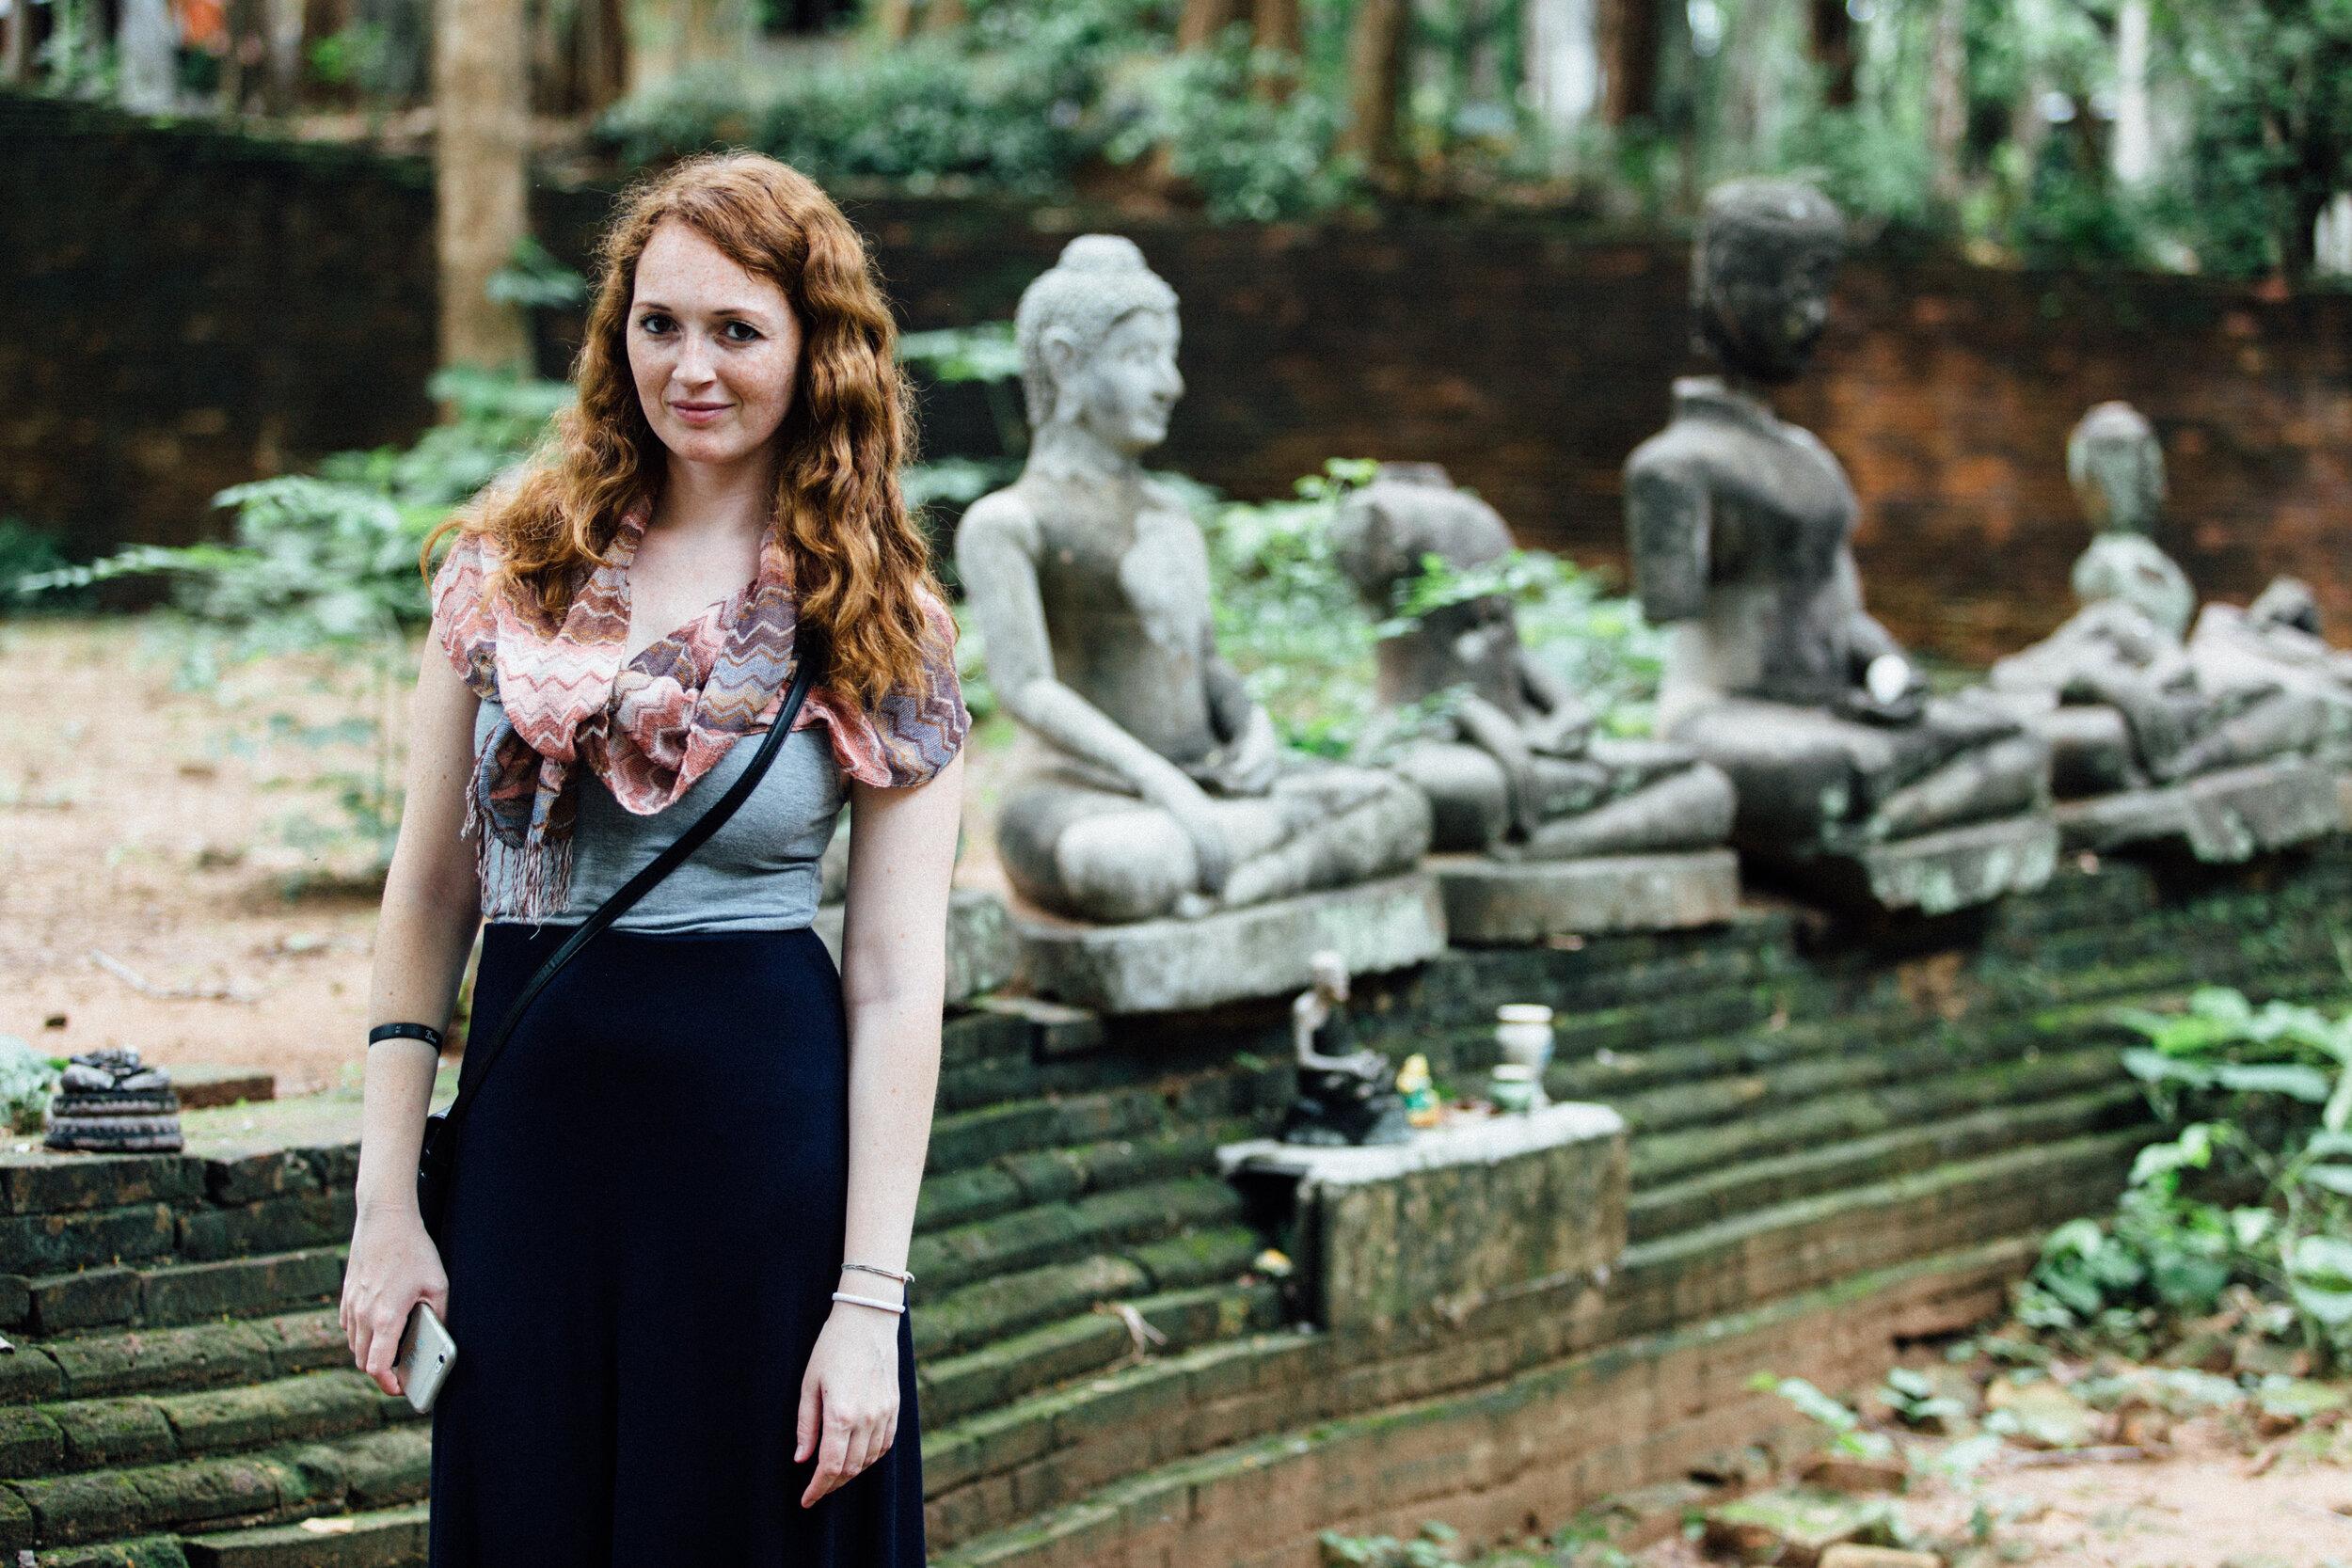 vestir tempos tailandia visitar